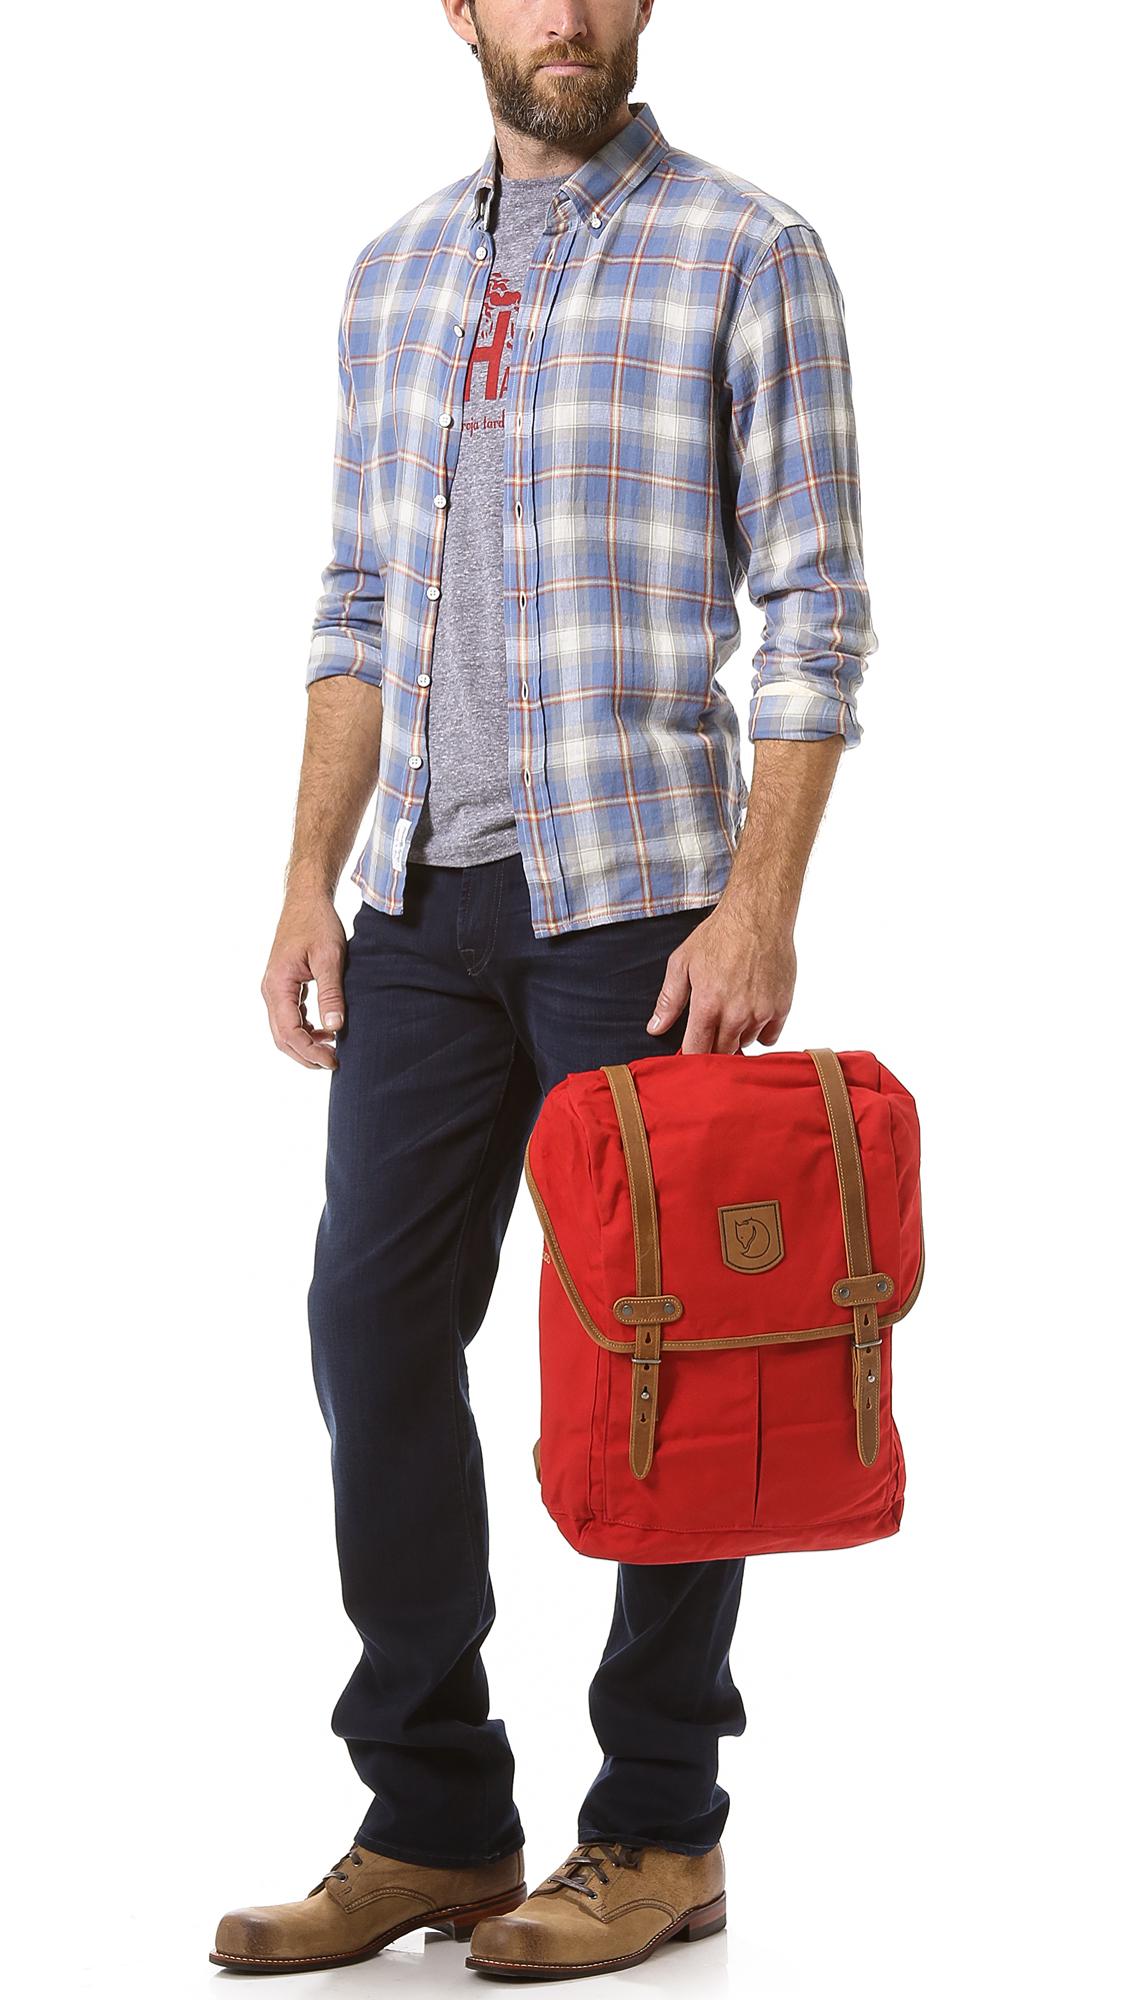 fjällräven rucksack no. 21 medium red